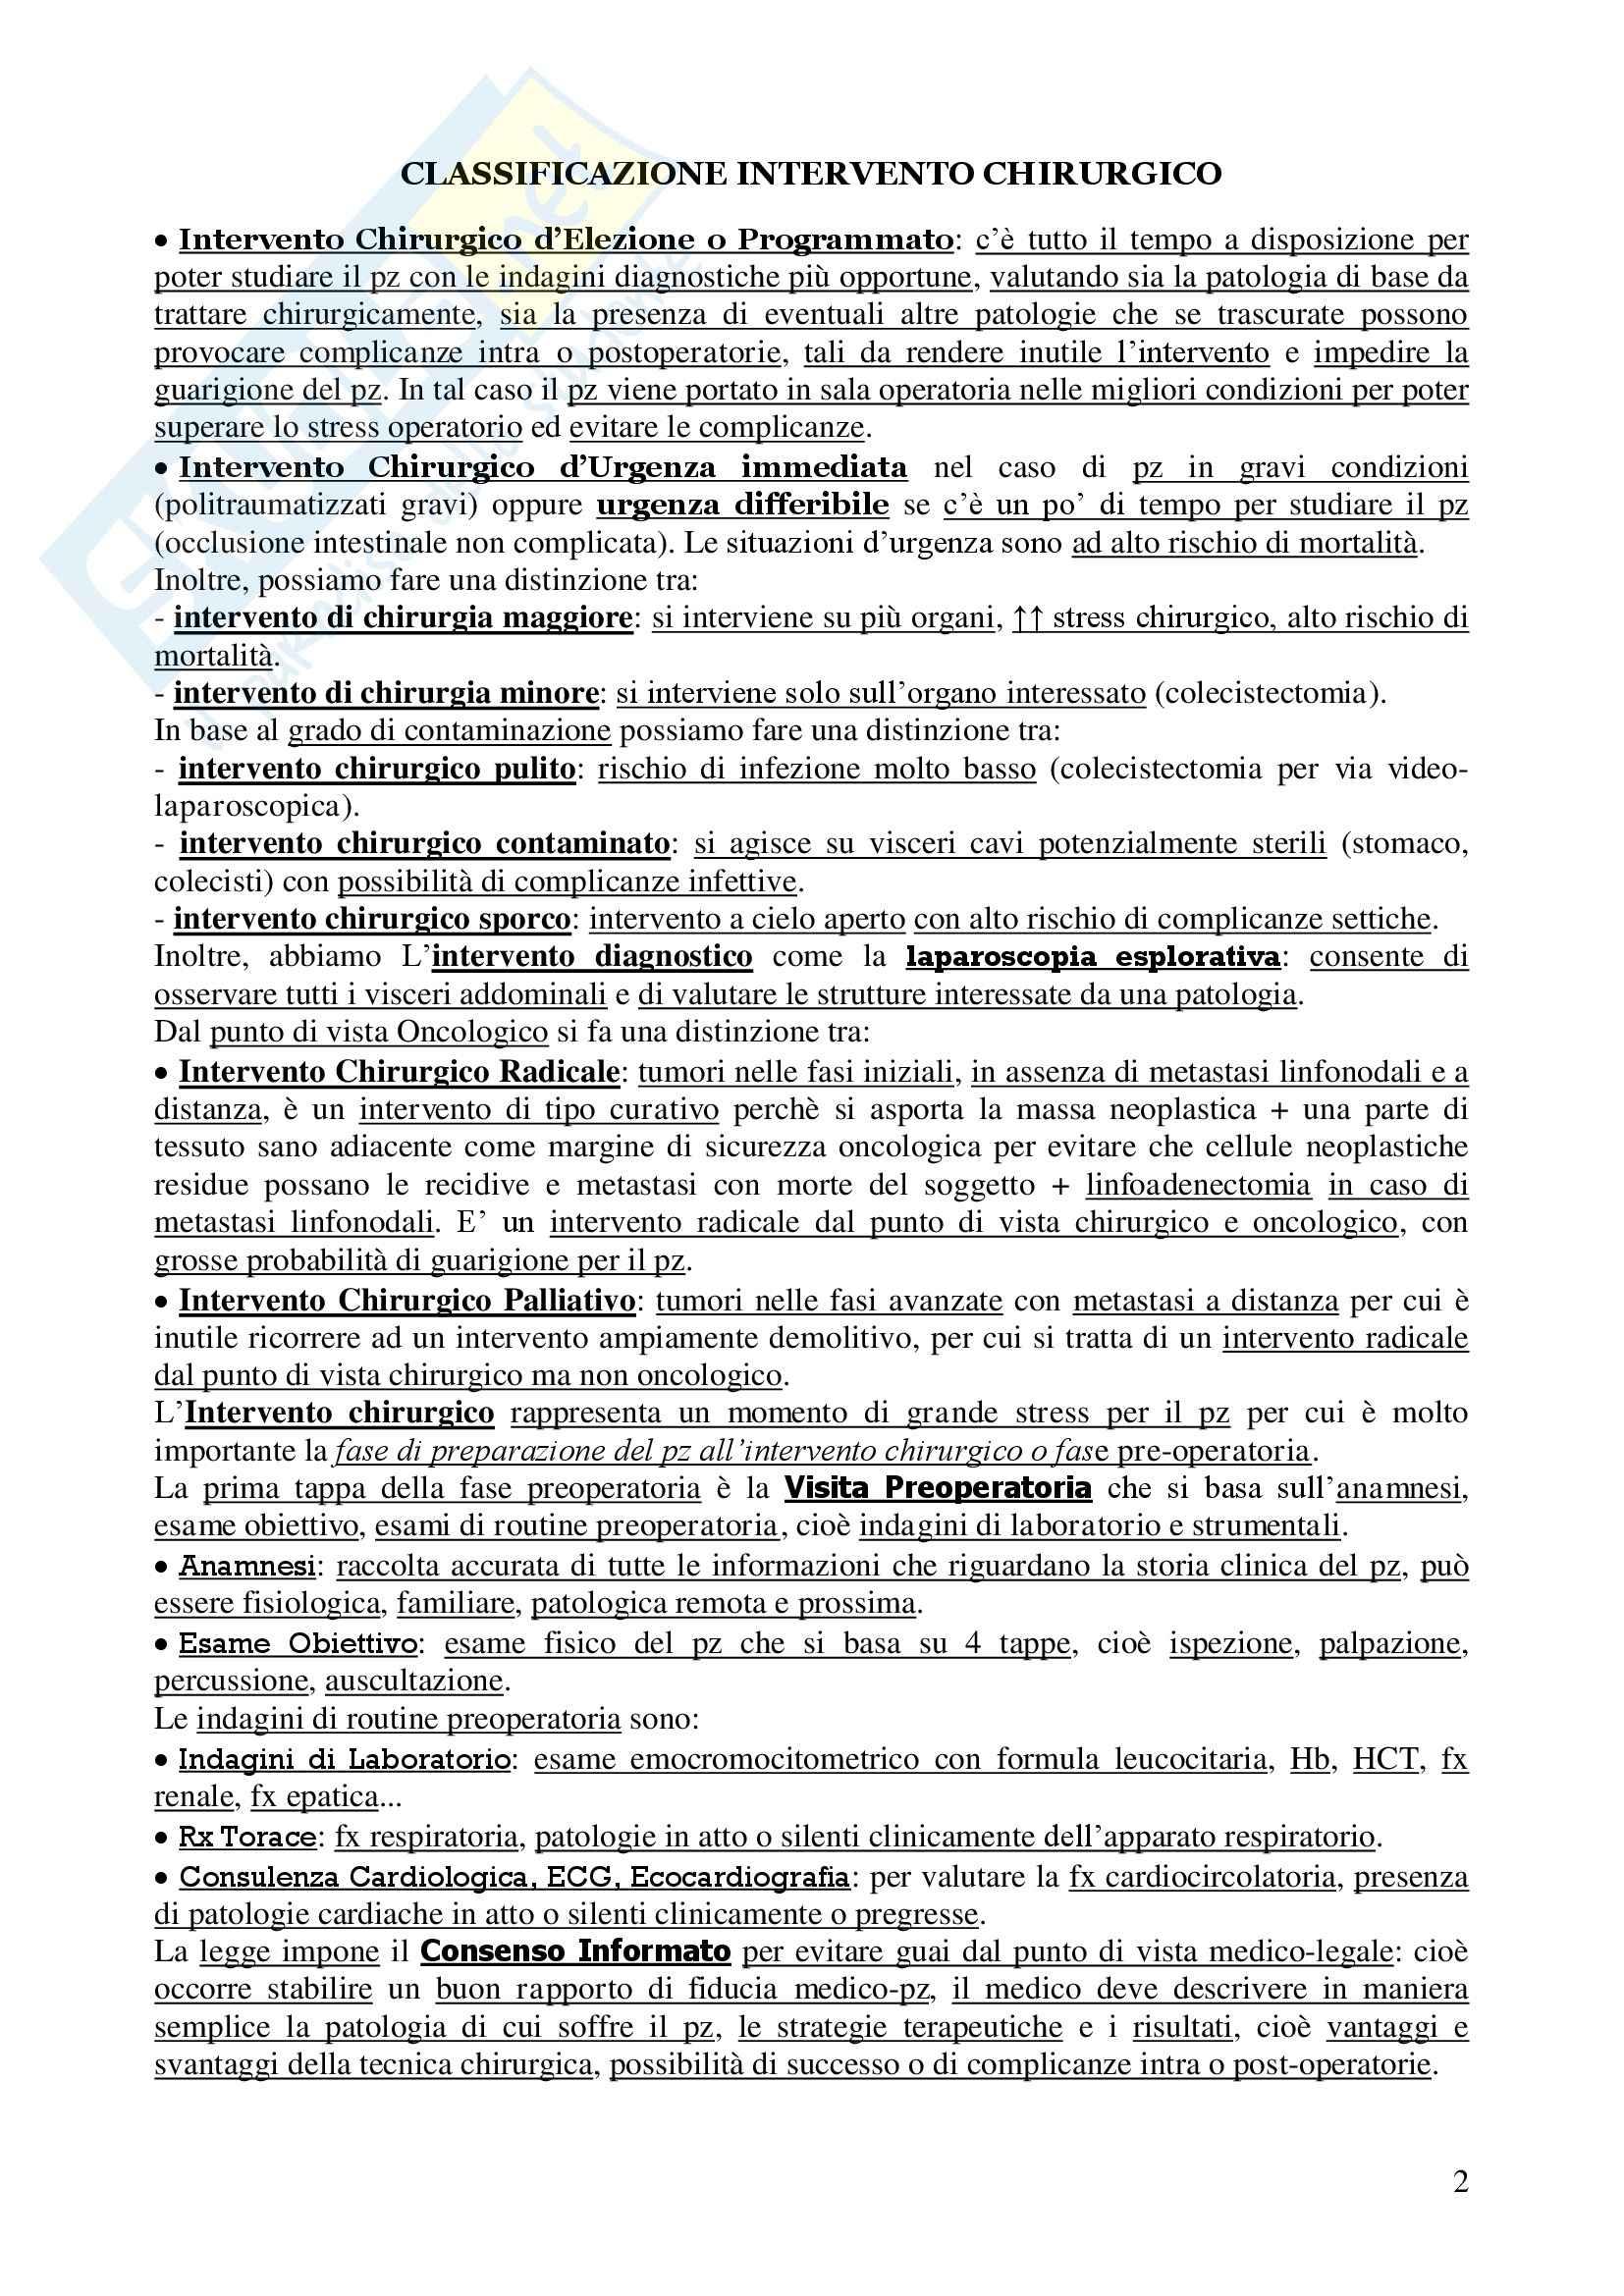 Chirurgia - chirurgia generale - Appunti Pag. 2